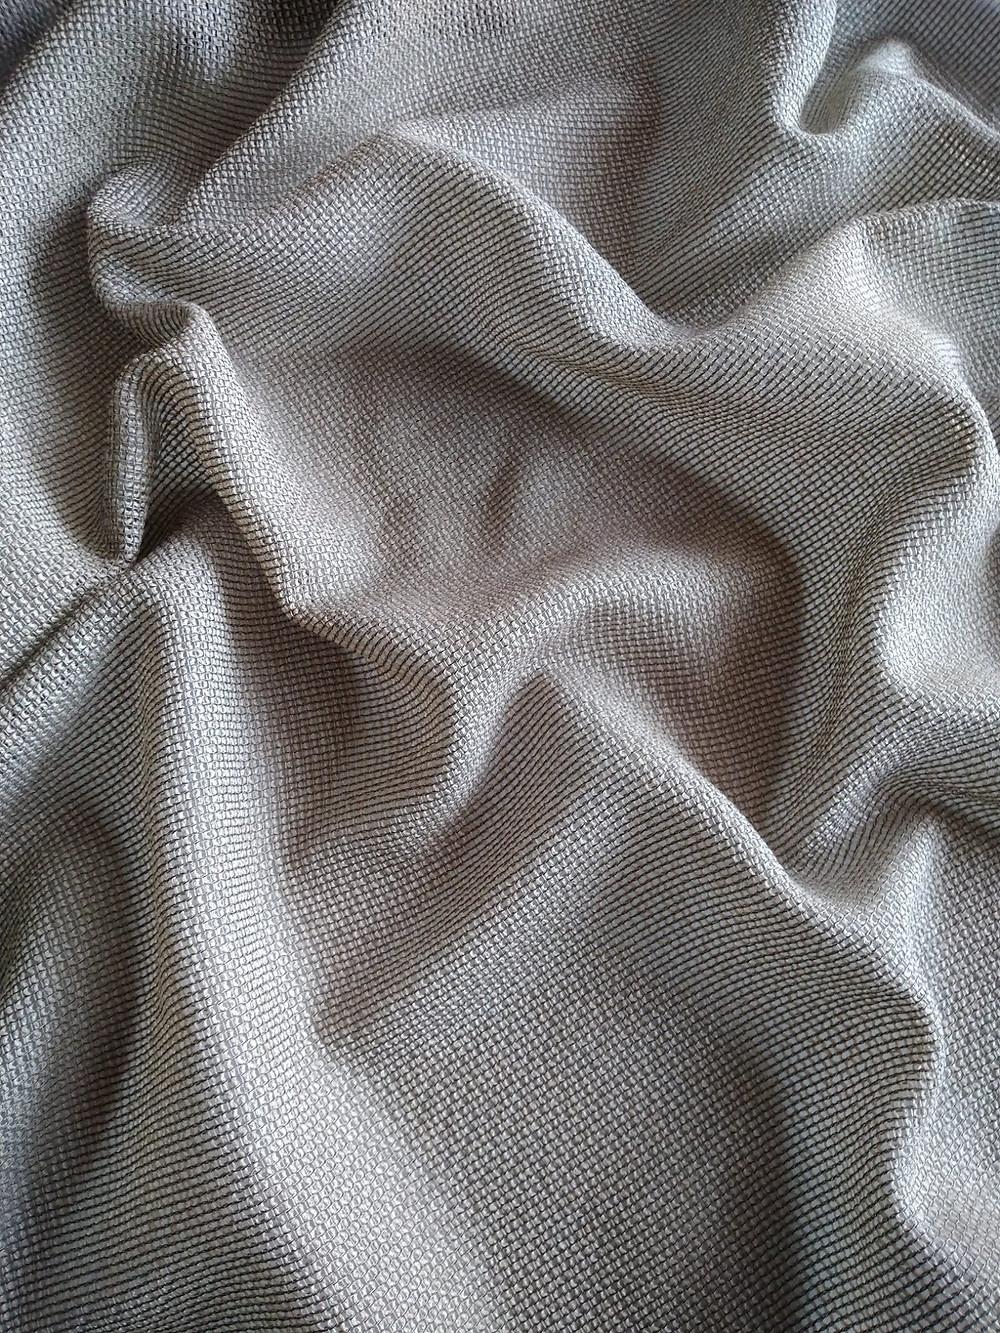 Jubileessa yhdistyy kudoksen hento metallimainen kiilto ja pellavamainen pehmeys. Värivaihtoehtoja on runsaasti, 17 kpl. Verhopalvelu Mkaksi.fi